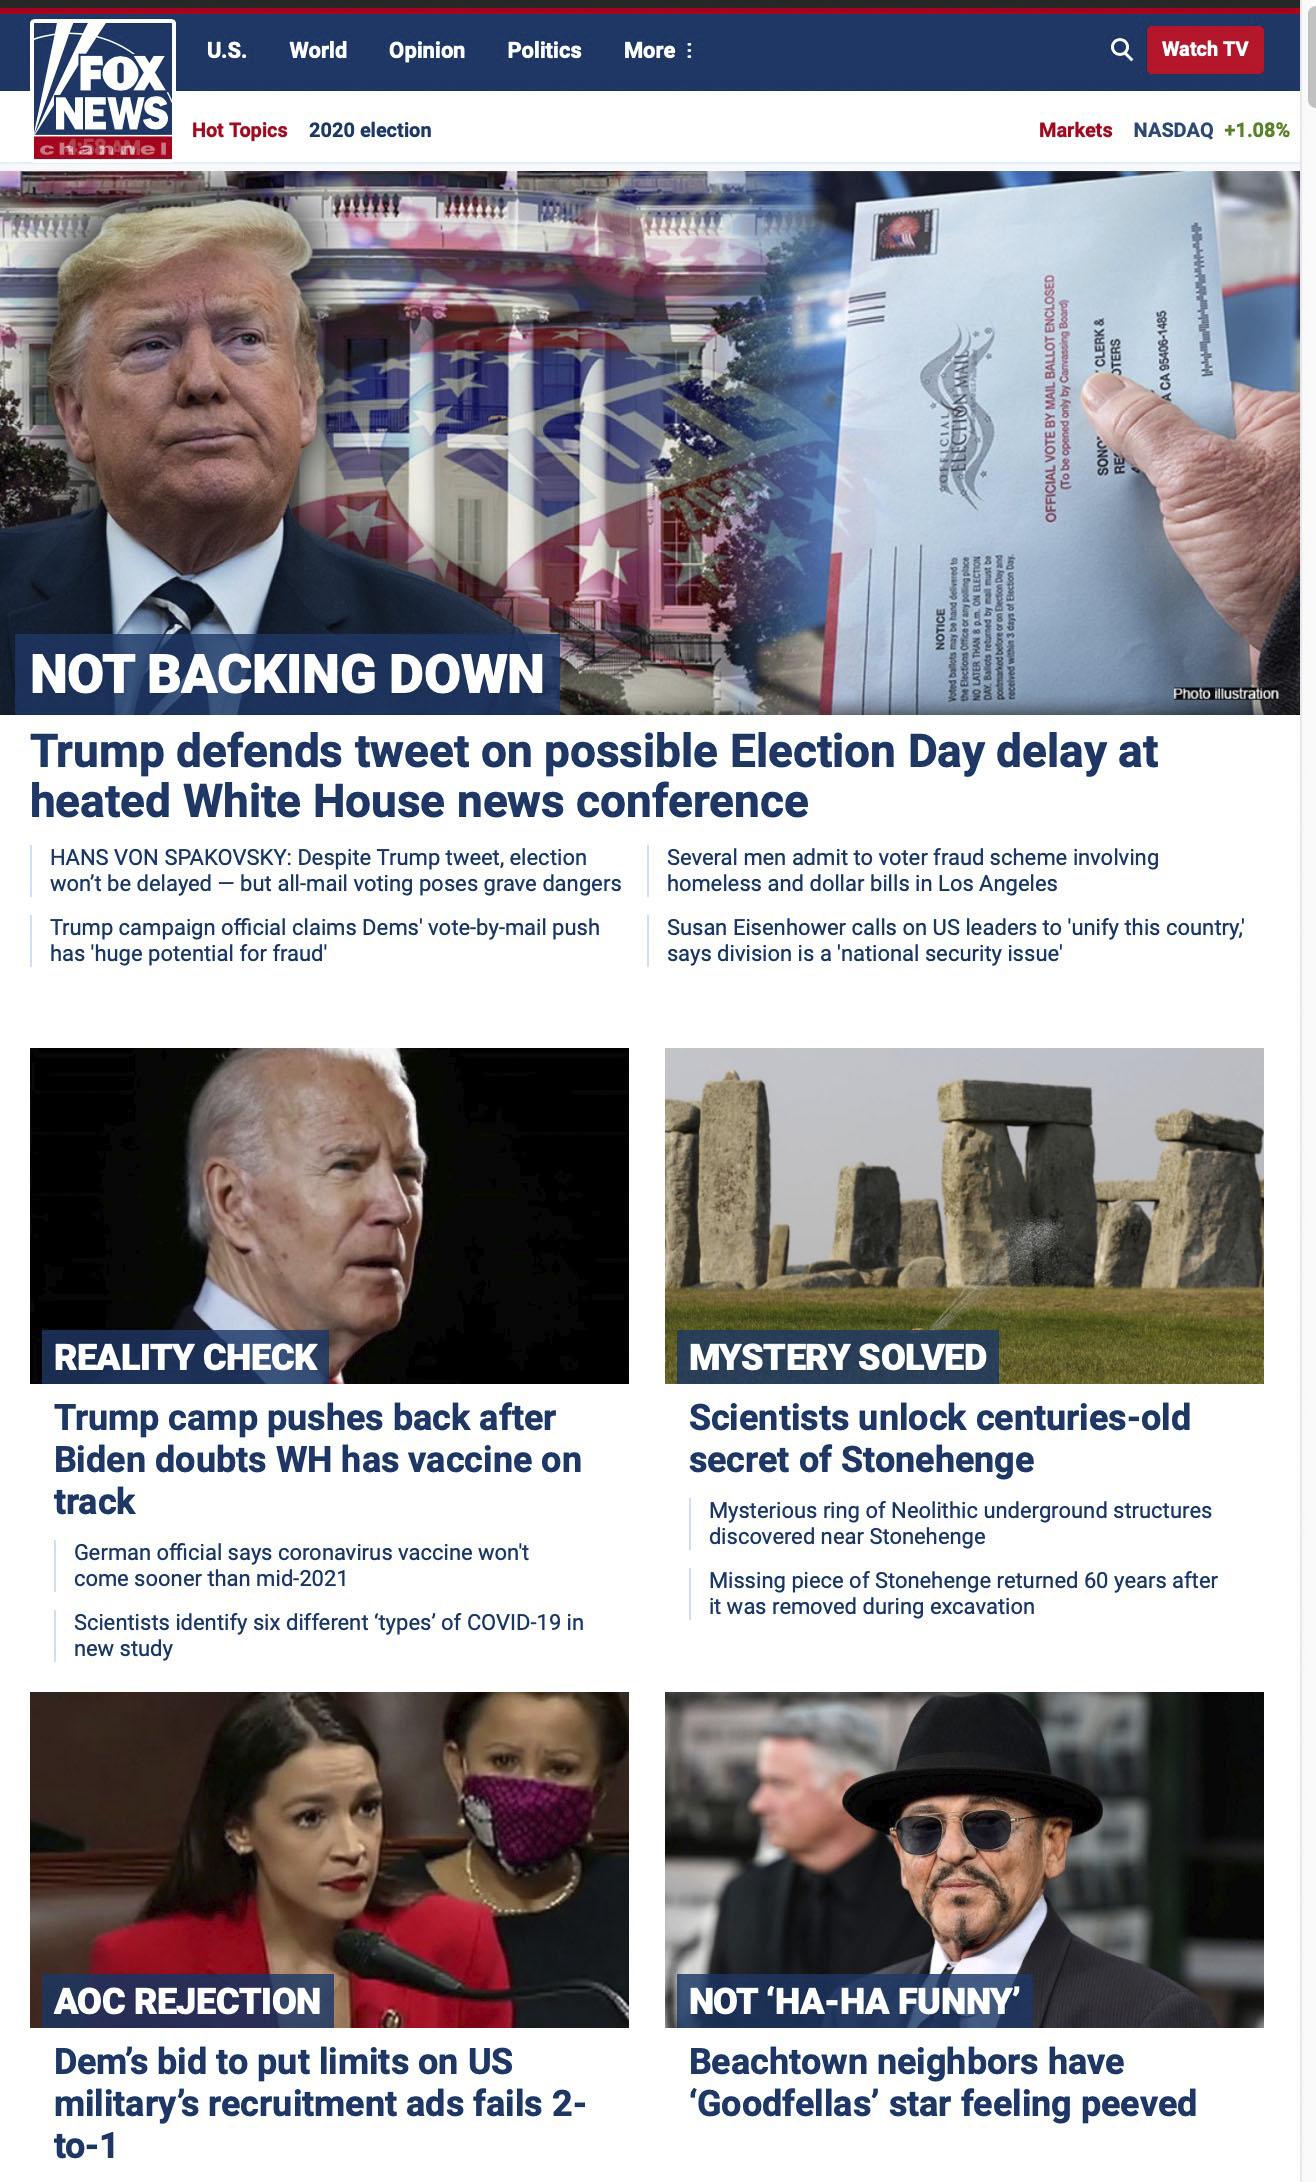 Fox News Website July 31